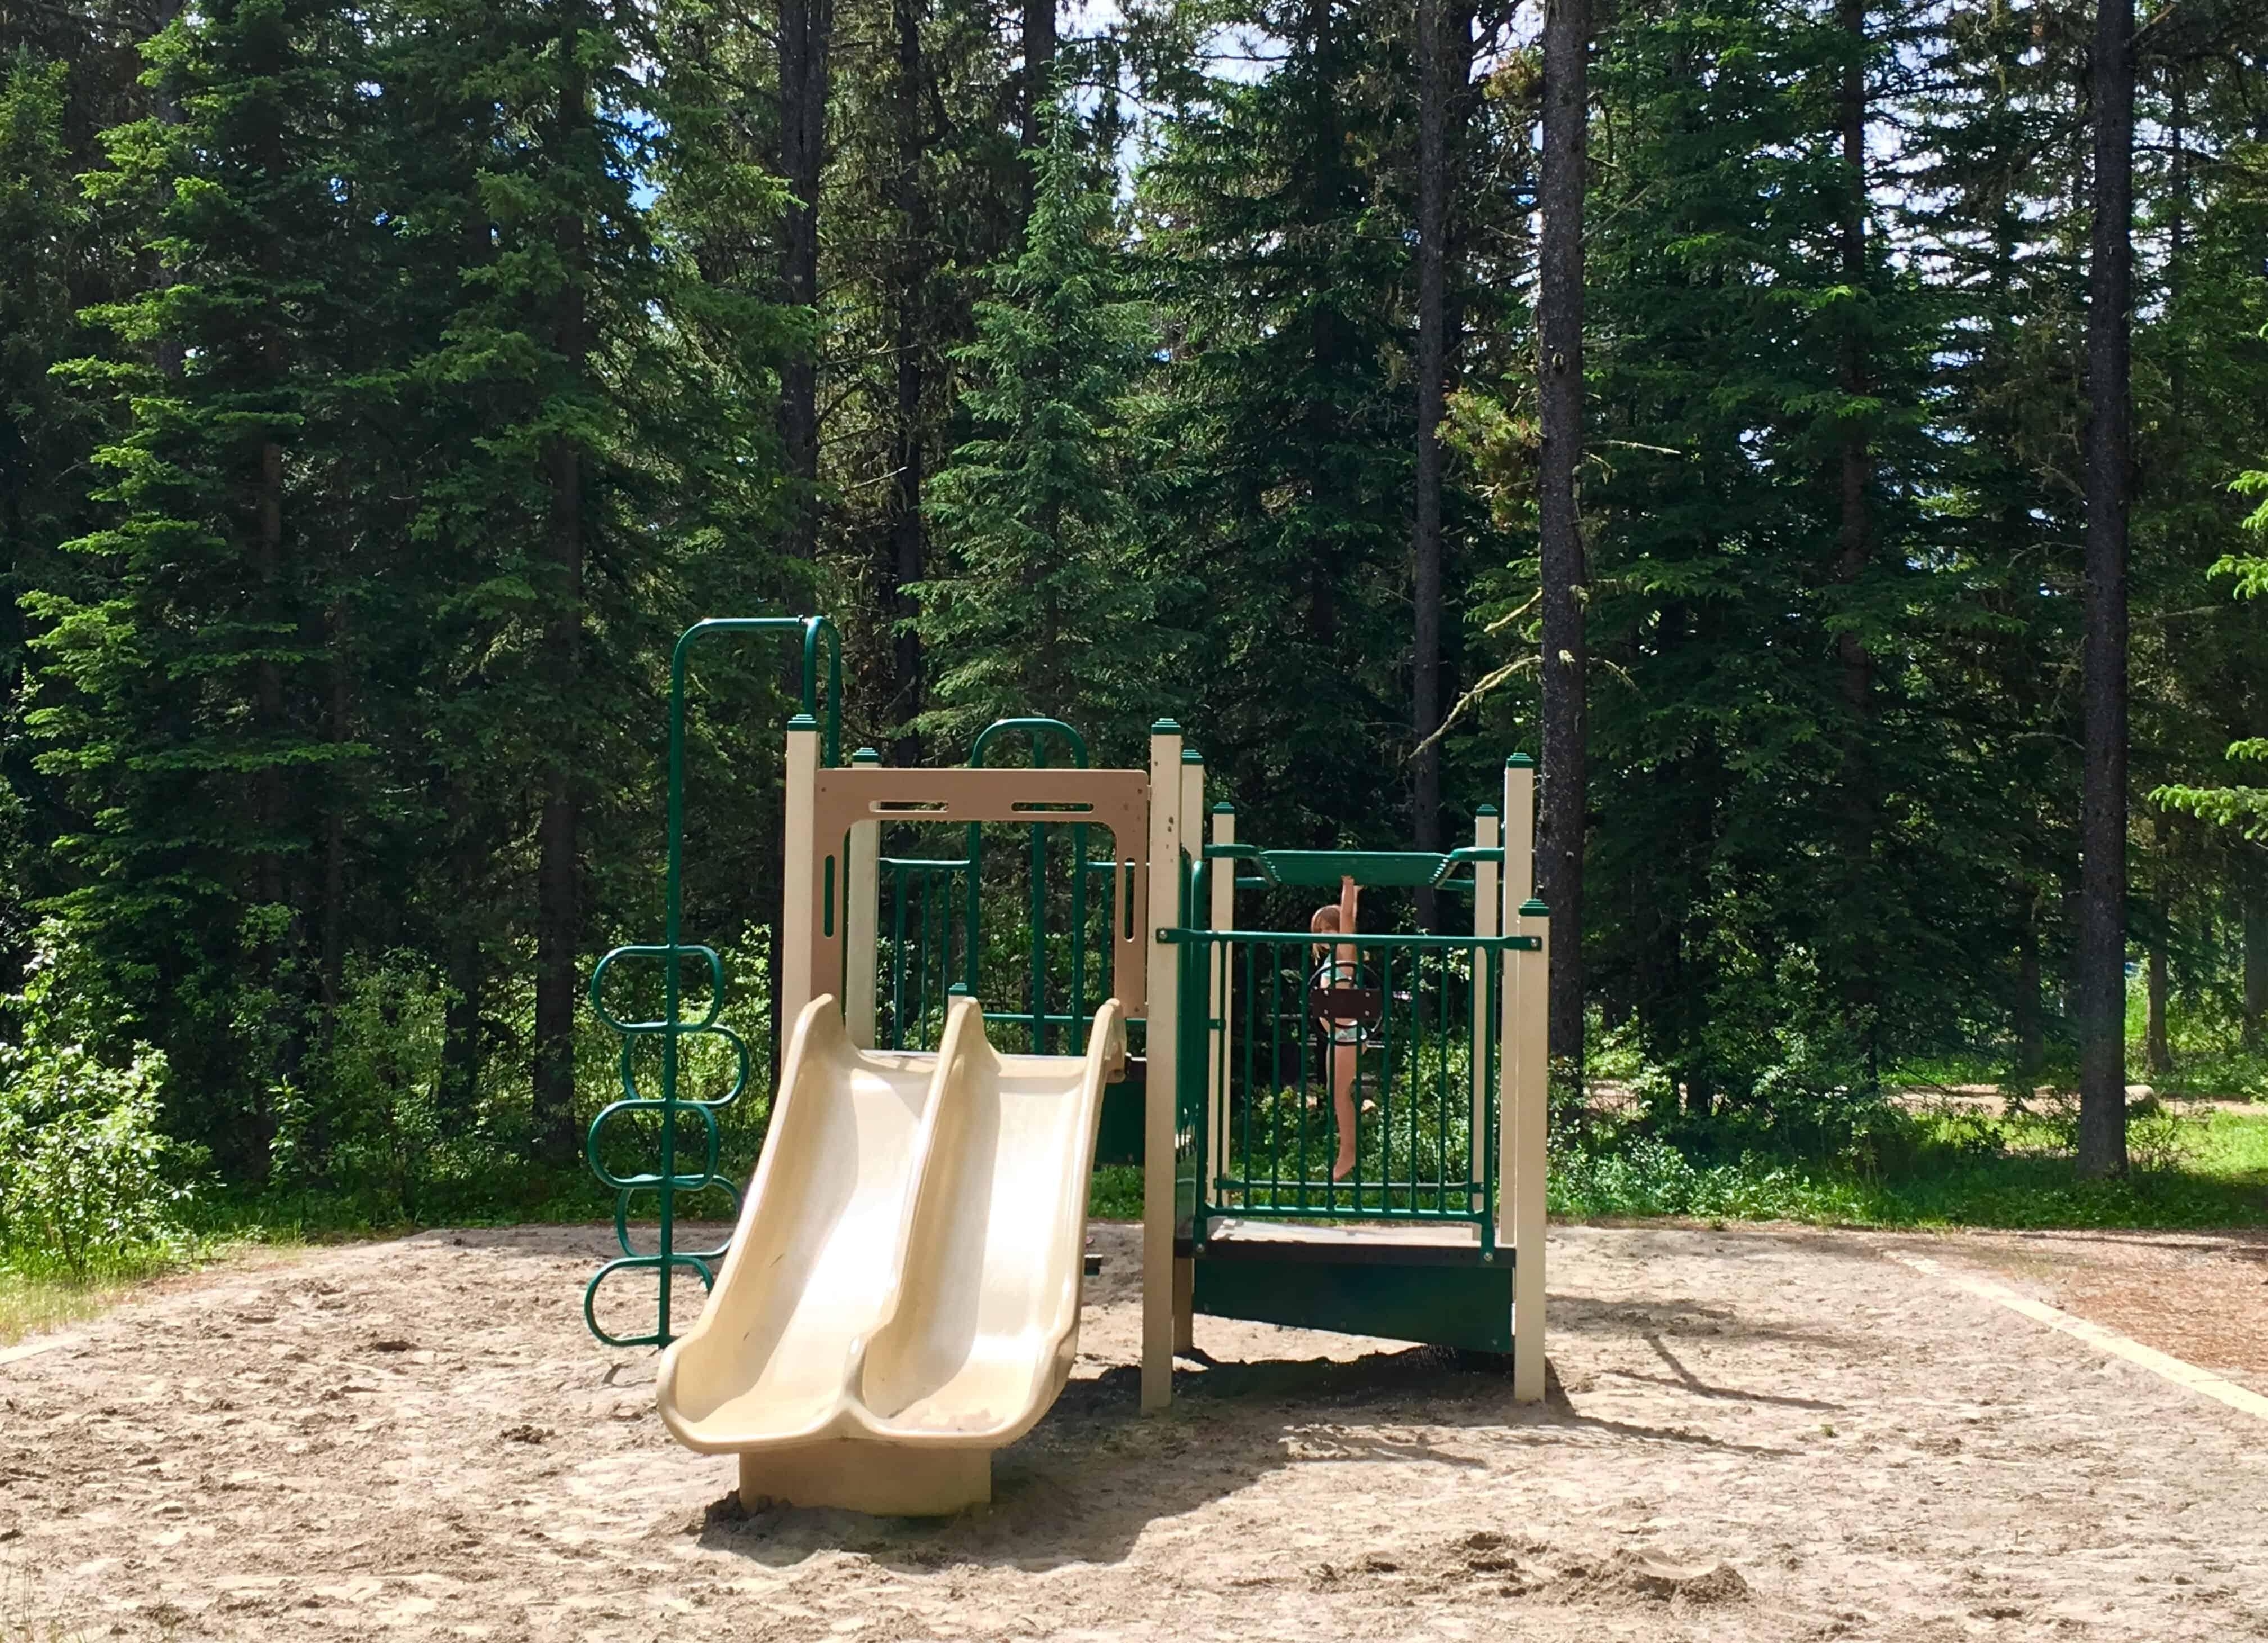 Playground Gregg Lake Campground